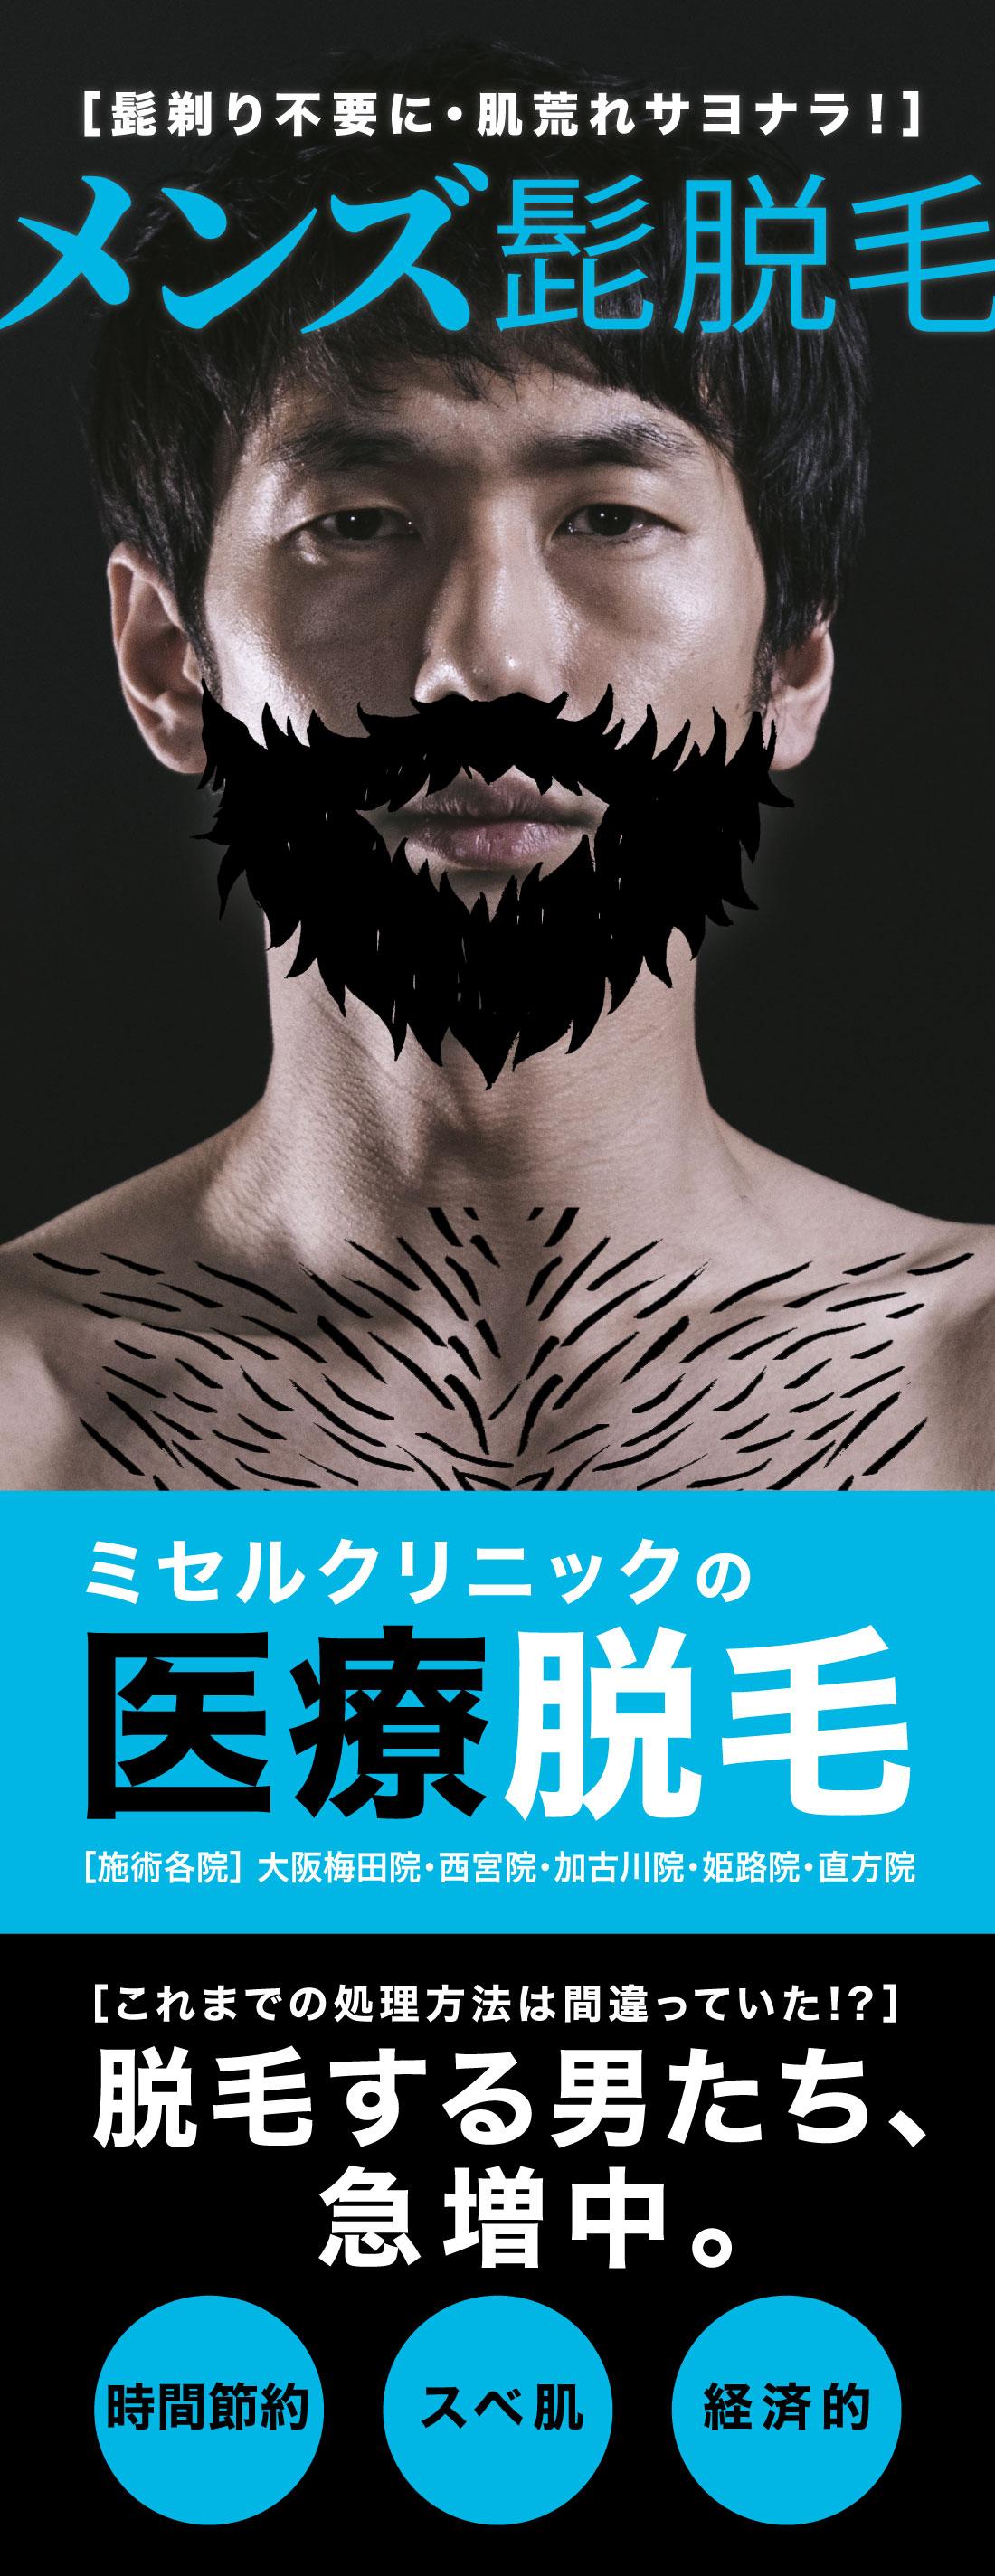 大西メディカルクリニック 医療脱毛 男性向け メンズ髭脱毛